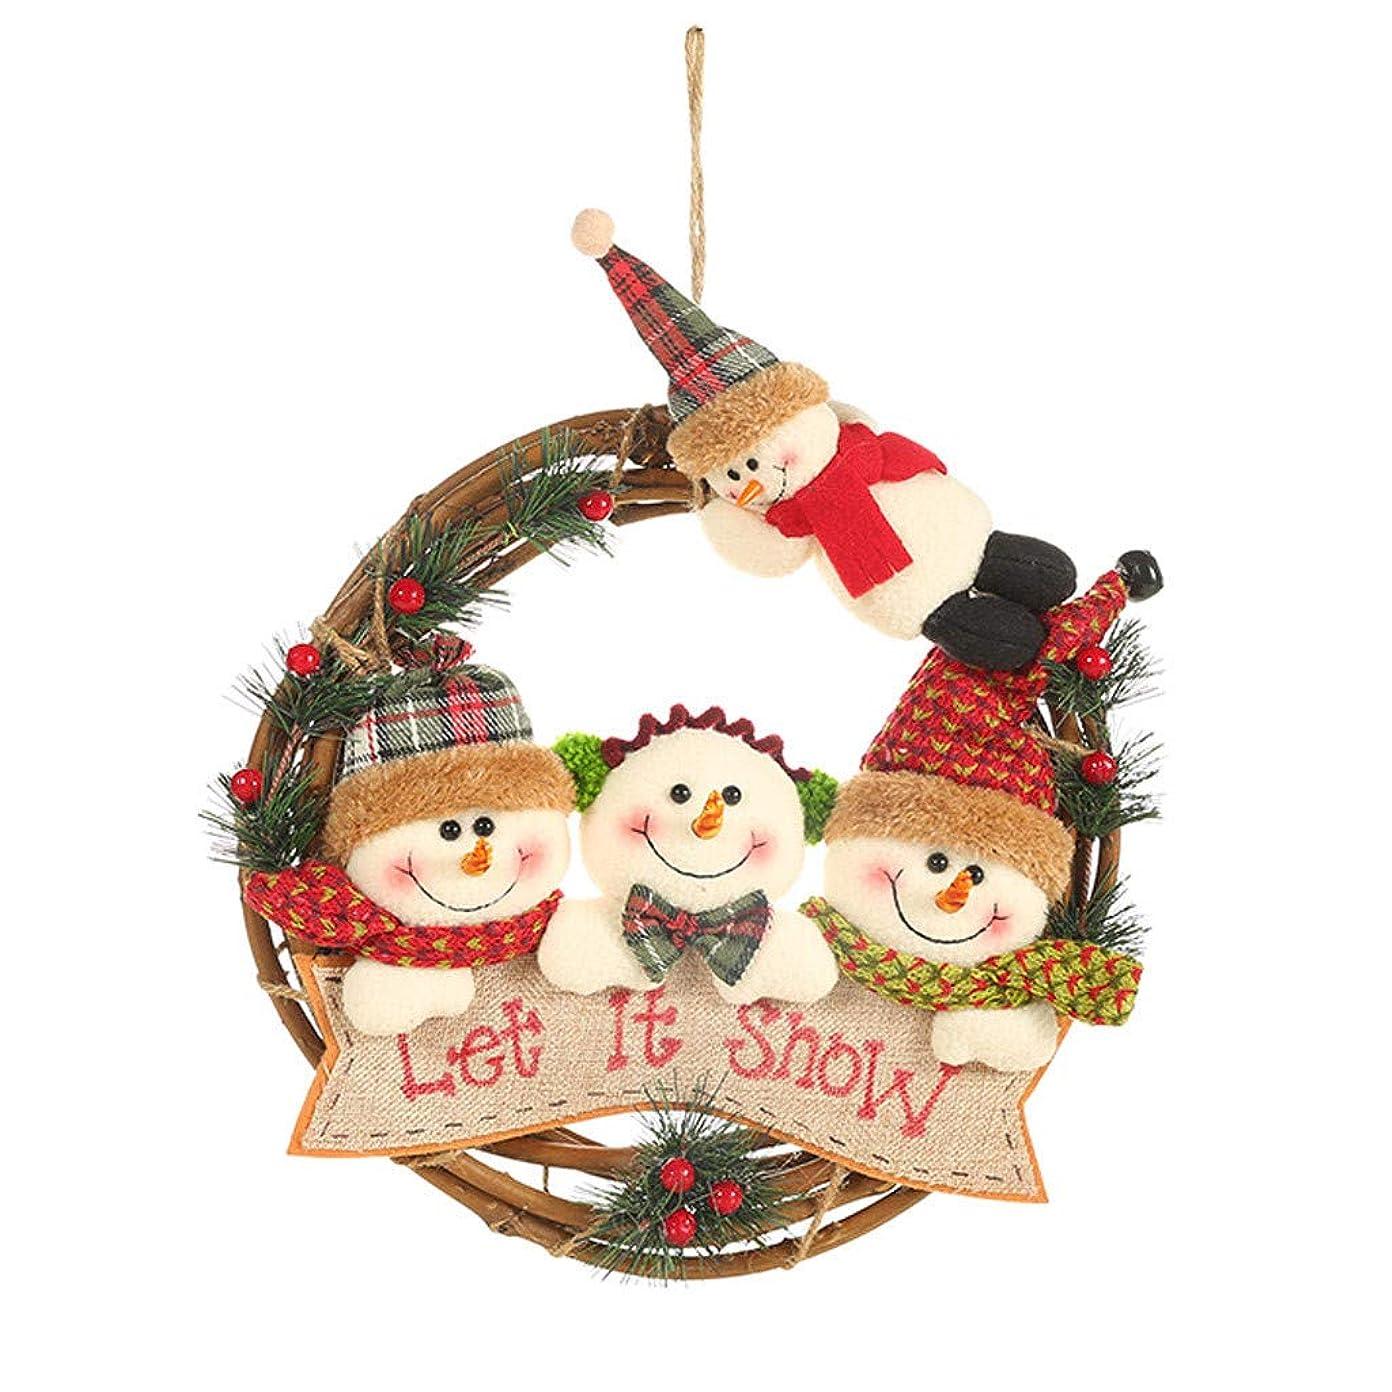 クロール見分ける助言するA69Q クリスマスリース リング ペンダント 花輪 オーナメント おしゃれ かわいい 窓掛け 壁掛け ドア掛け デコレーション クリスマスの飾り 装飾 クリスマスプレゼント KTV、パーティー、バー、喫茶店、家庭に適用